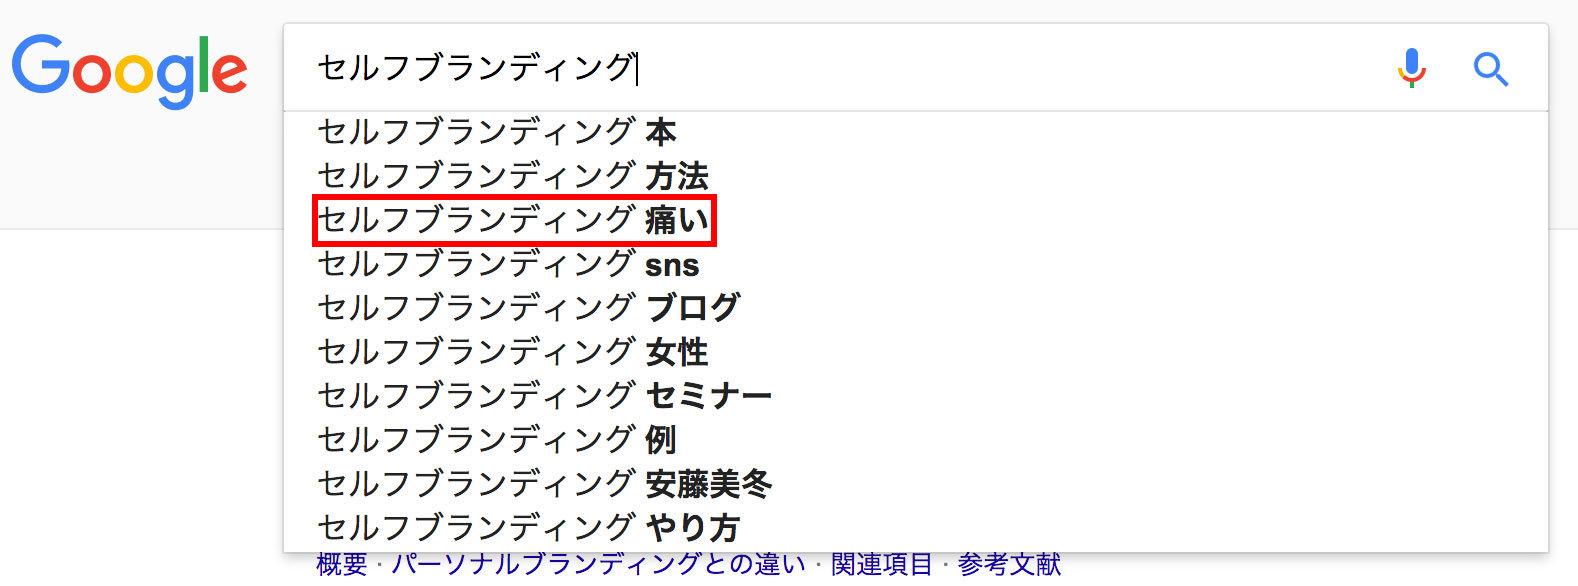 「セルフブランディング 痛い」の検索結果